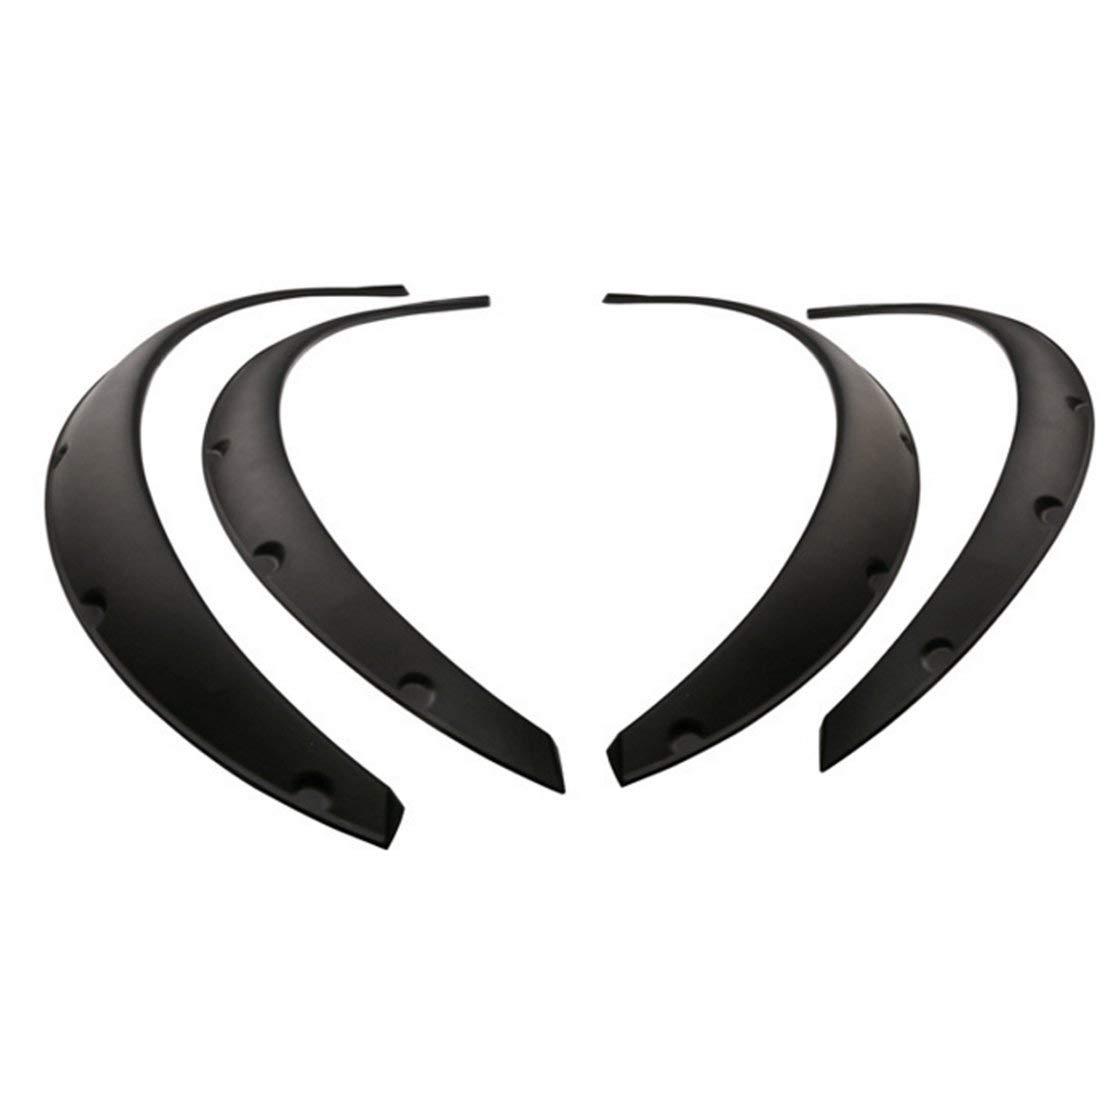 4 pezzi universale flessibile auto parafanghi flares extra wide ruota del corpo arcata ruota protezione sopracciglio del labbro adesivo trim BlackPJenny